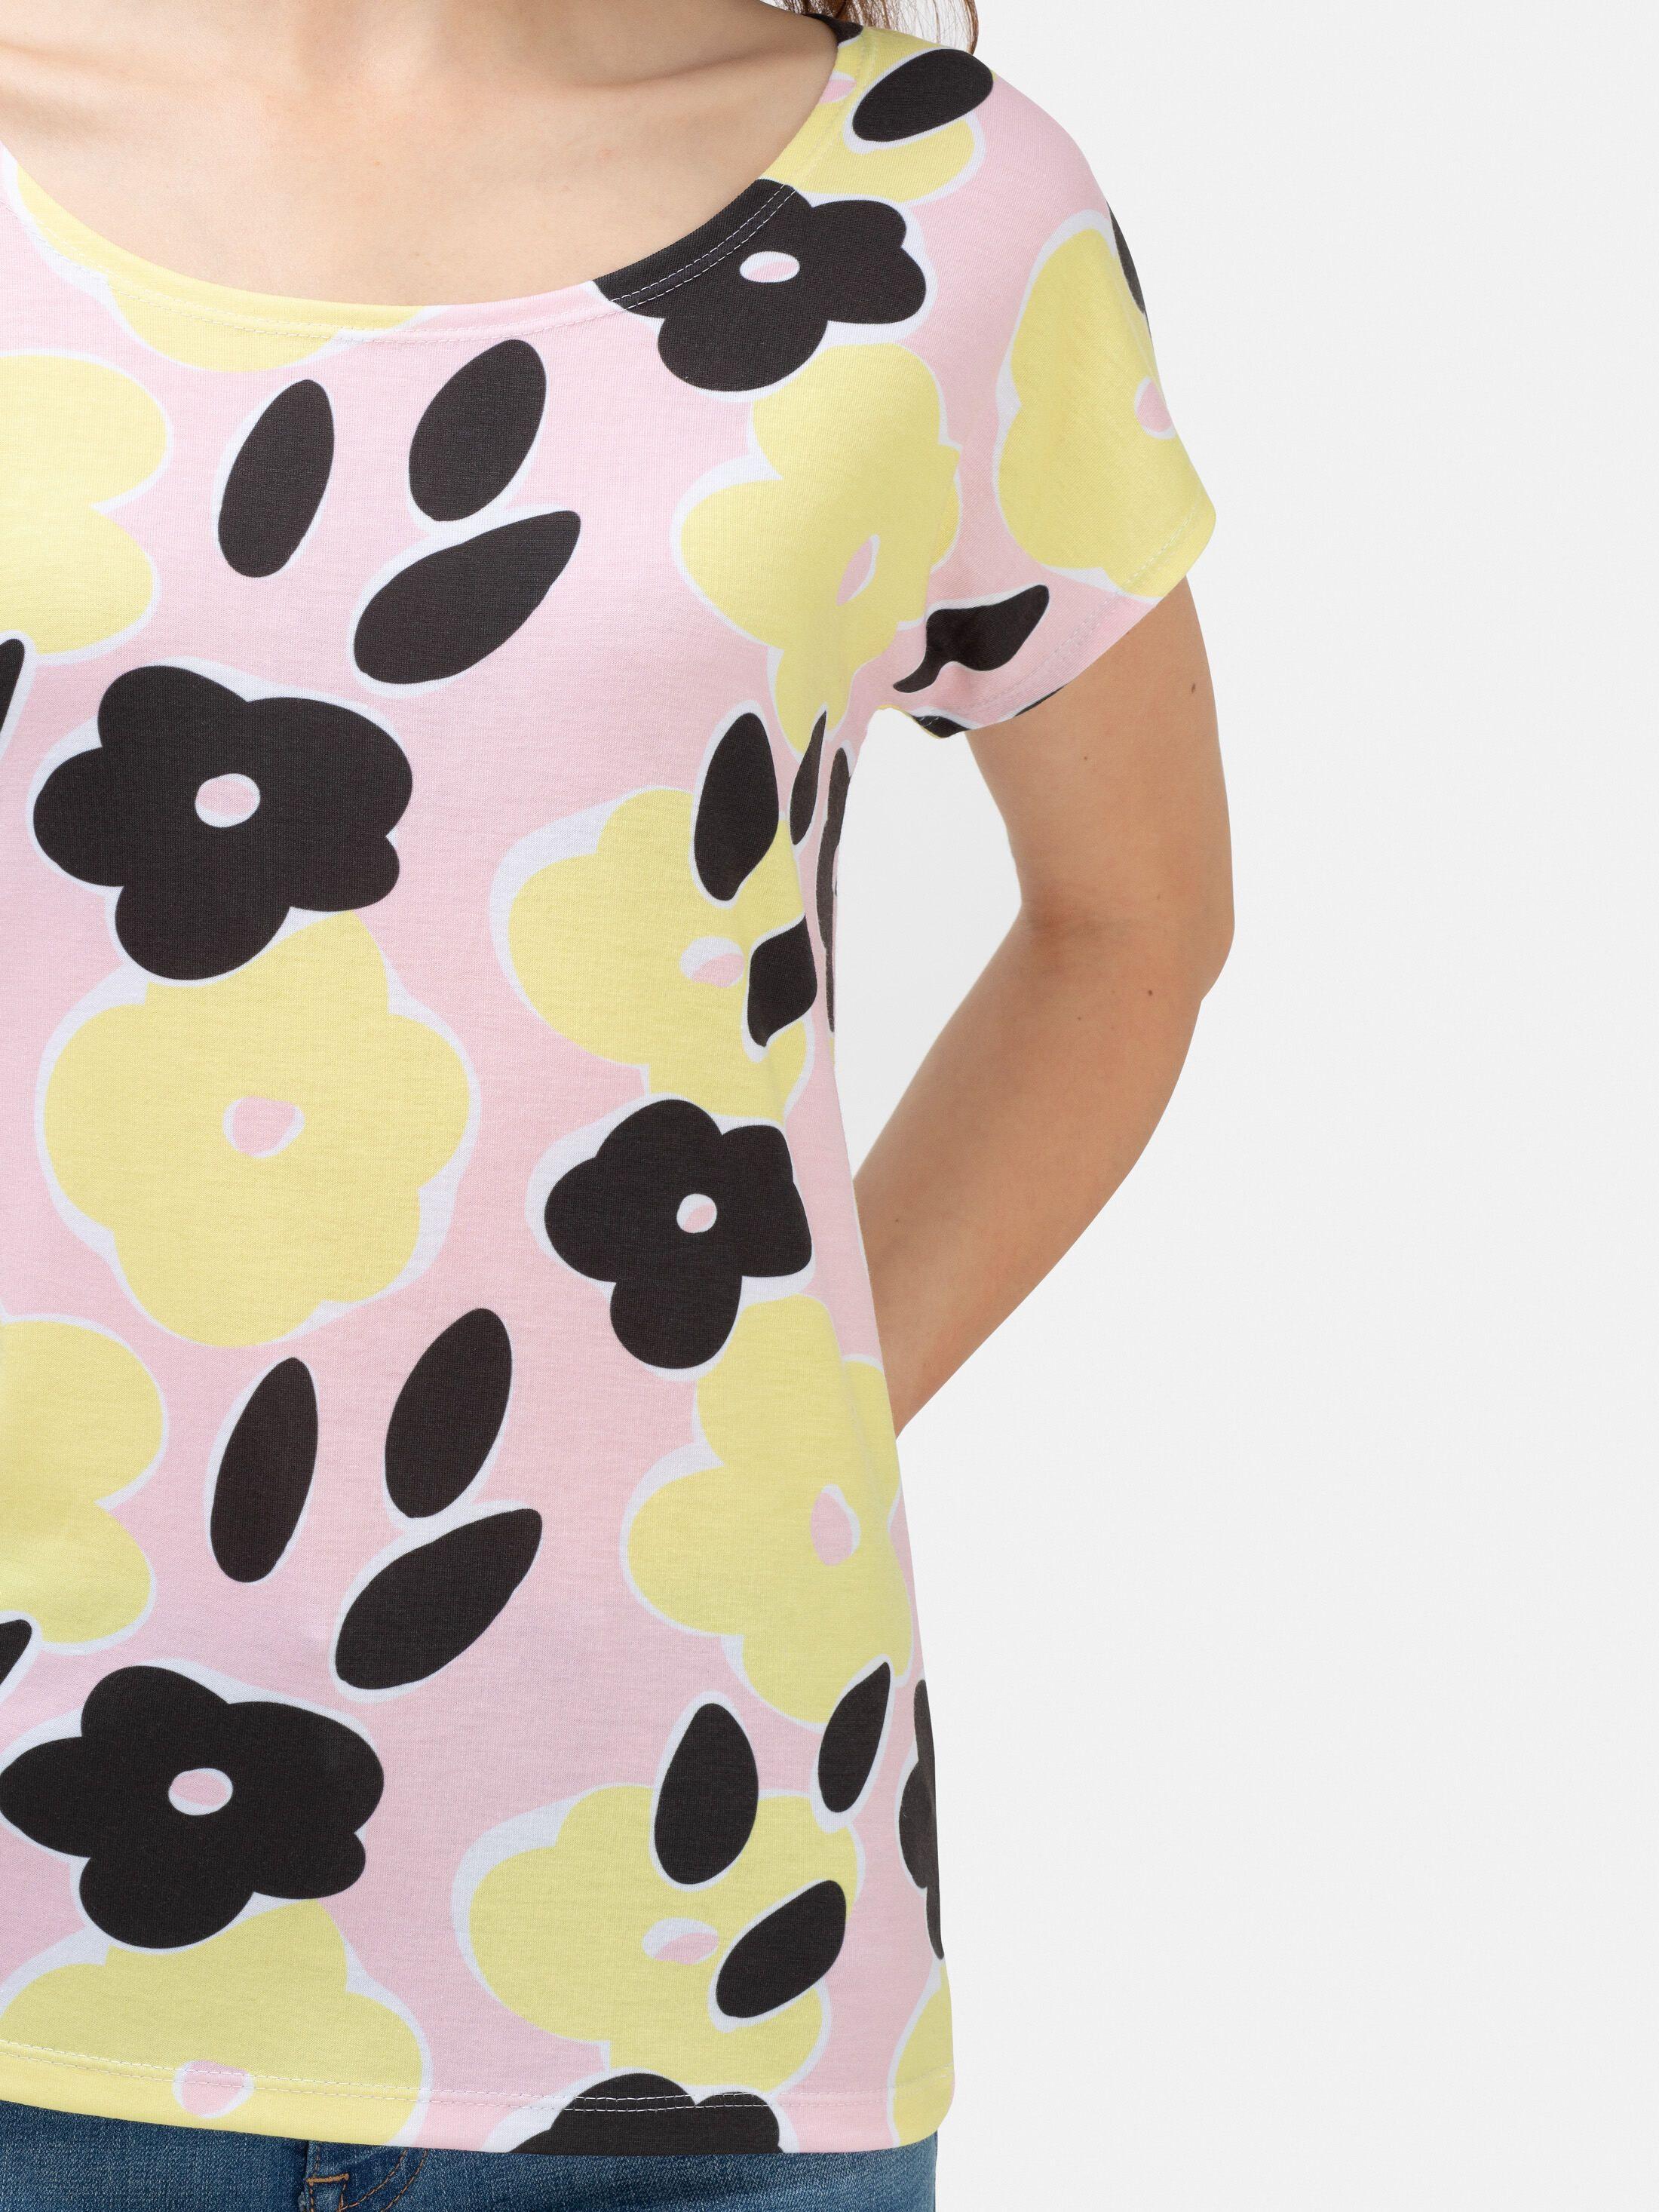 detalle tela velour camiseta personalizada mujer